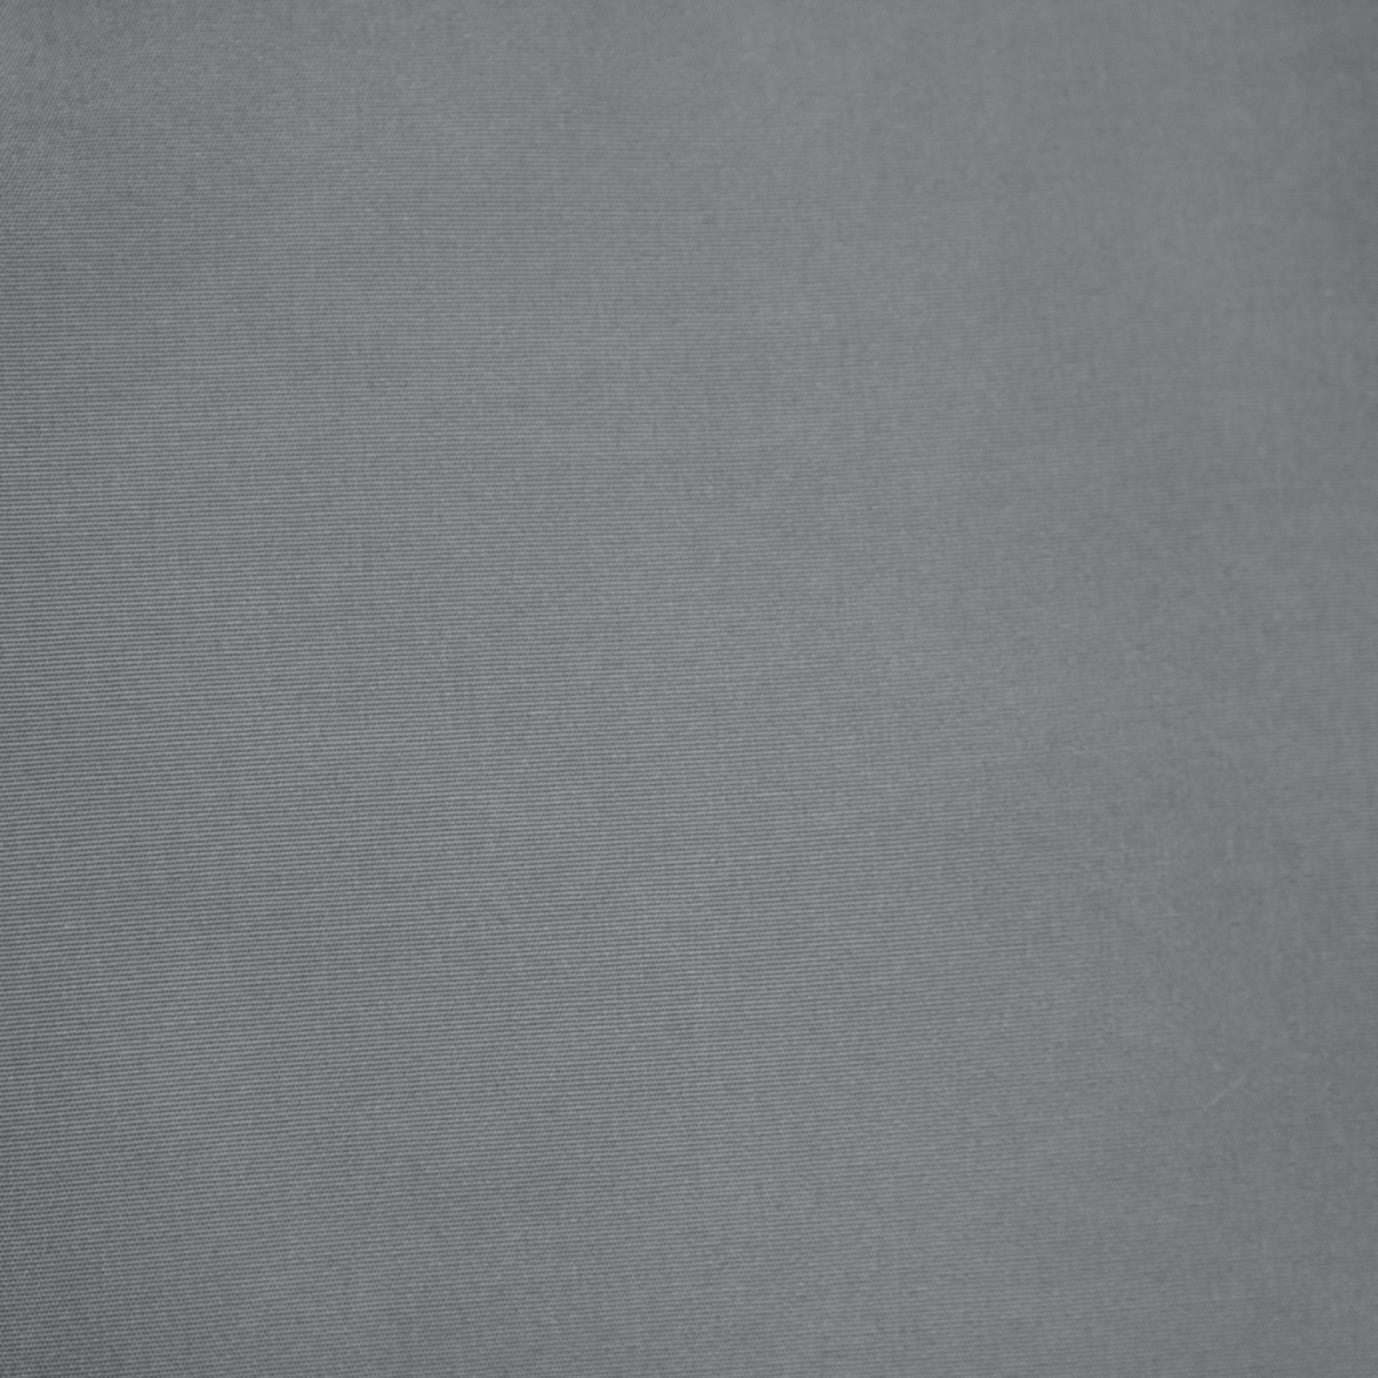 Milo™ Espresso Ottomans - Charcoal Gray